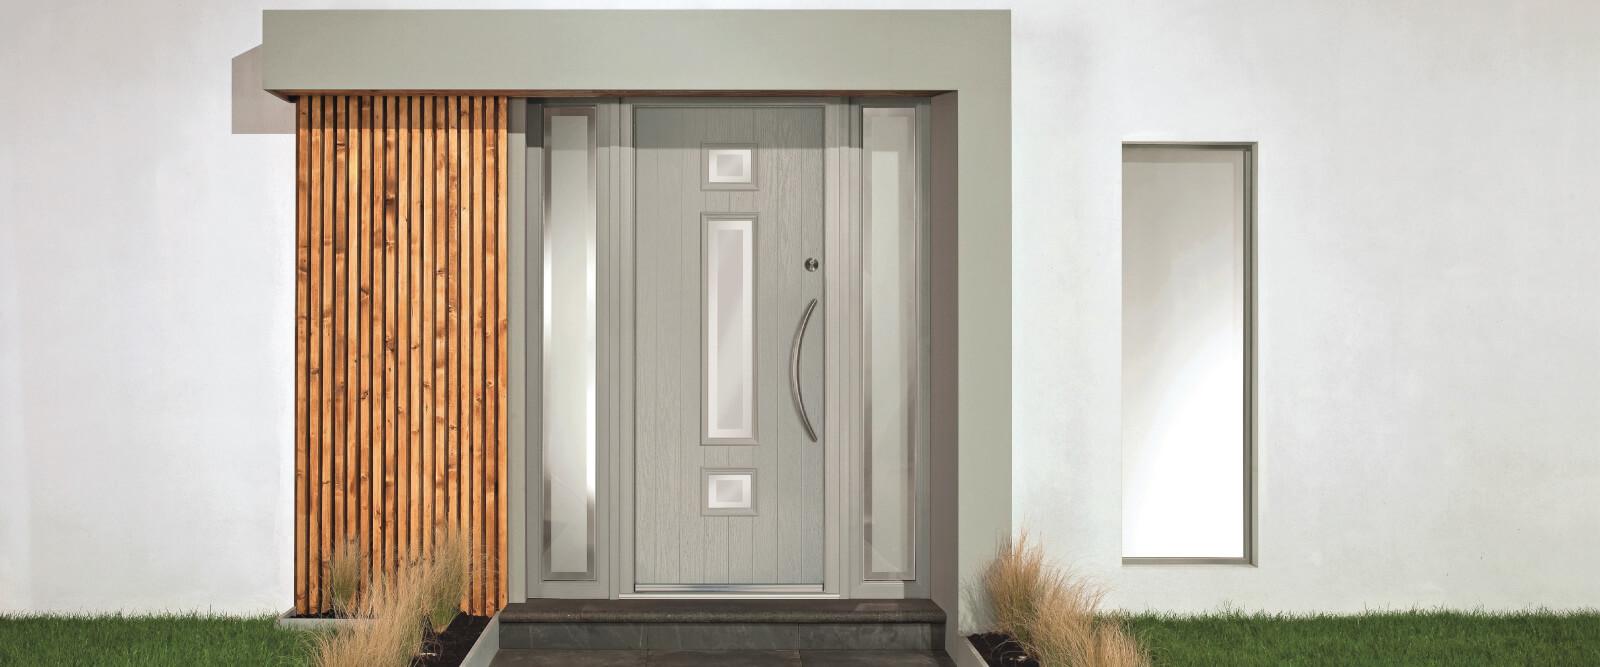 Grey apeer composite door